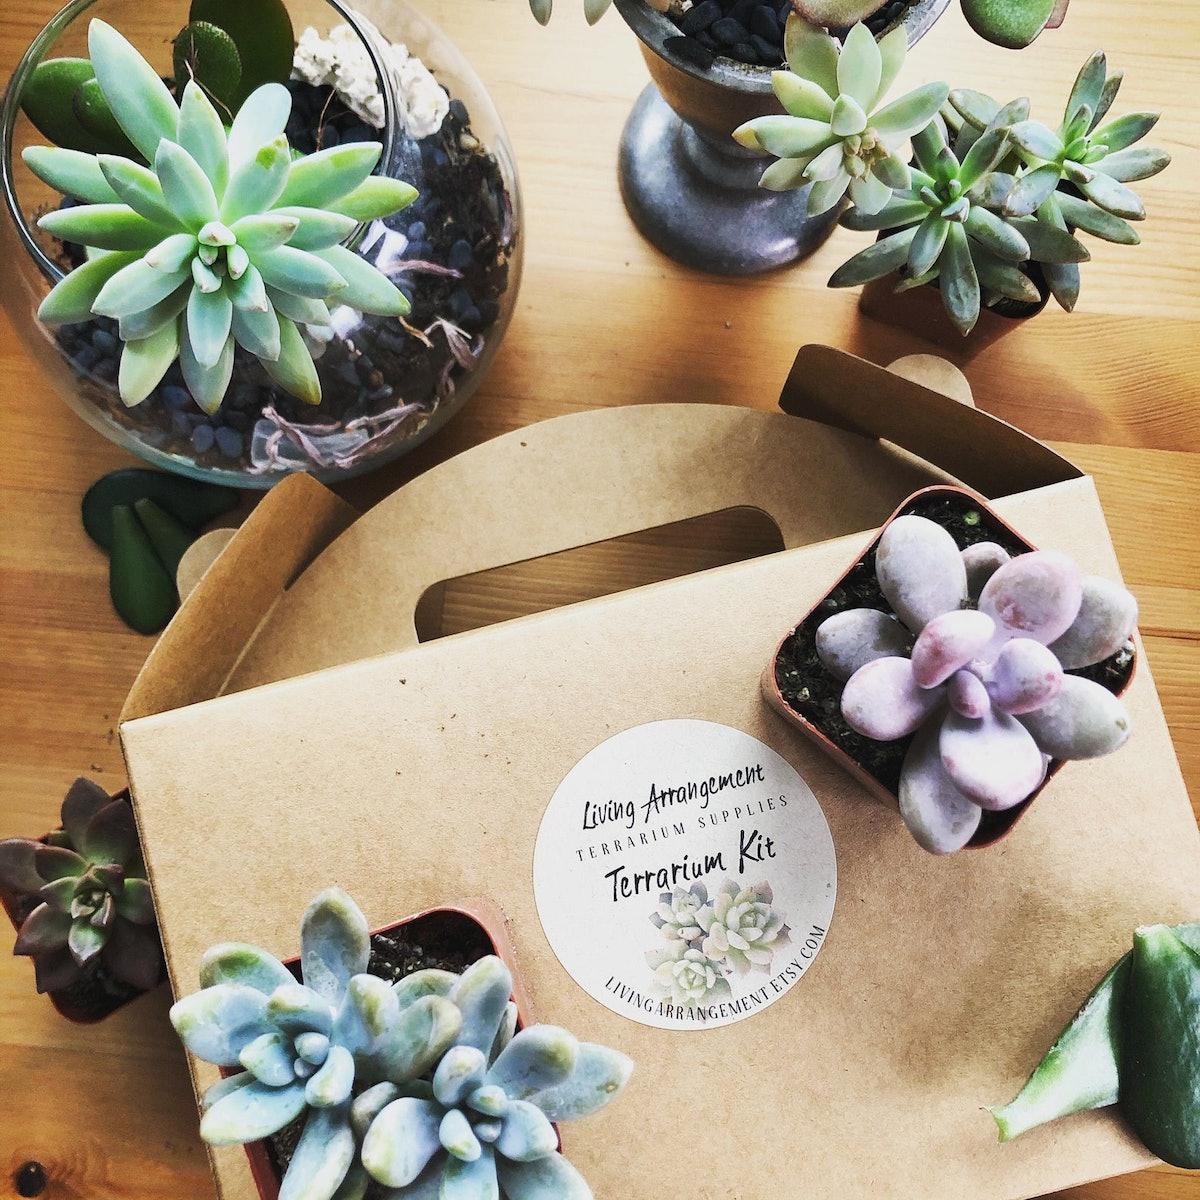 DIY Terrarium Building Kit Complete for Succulents